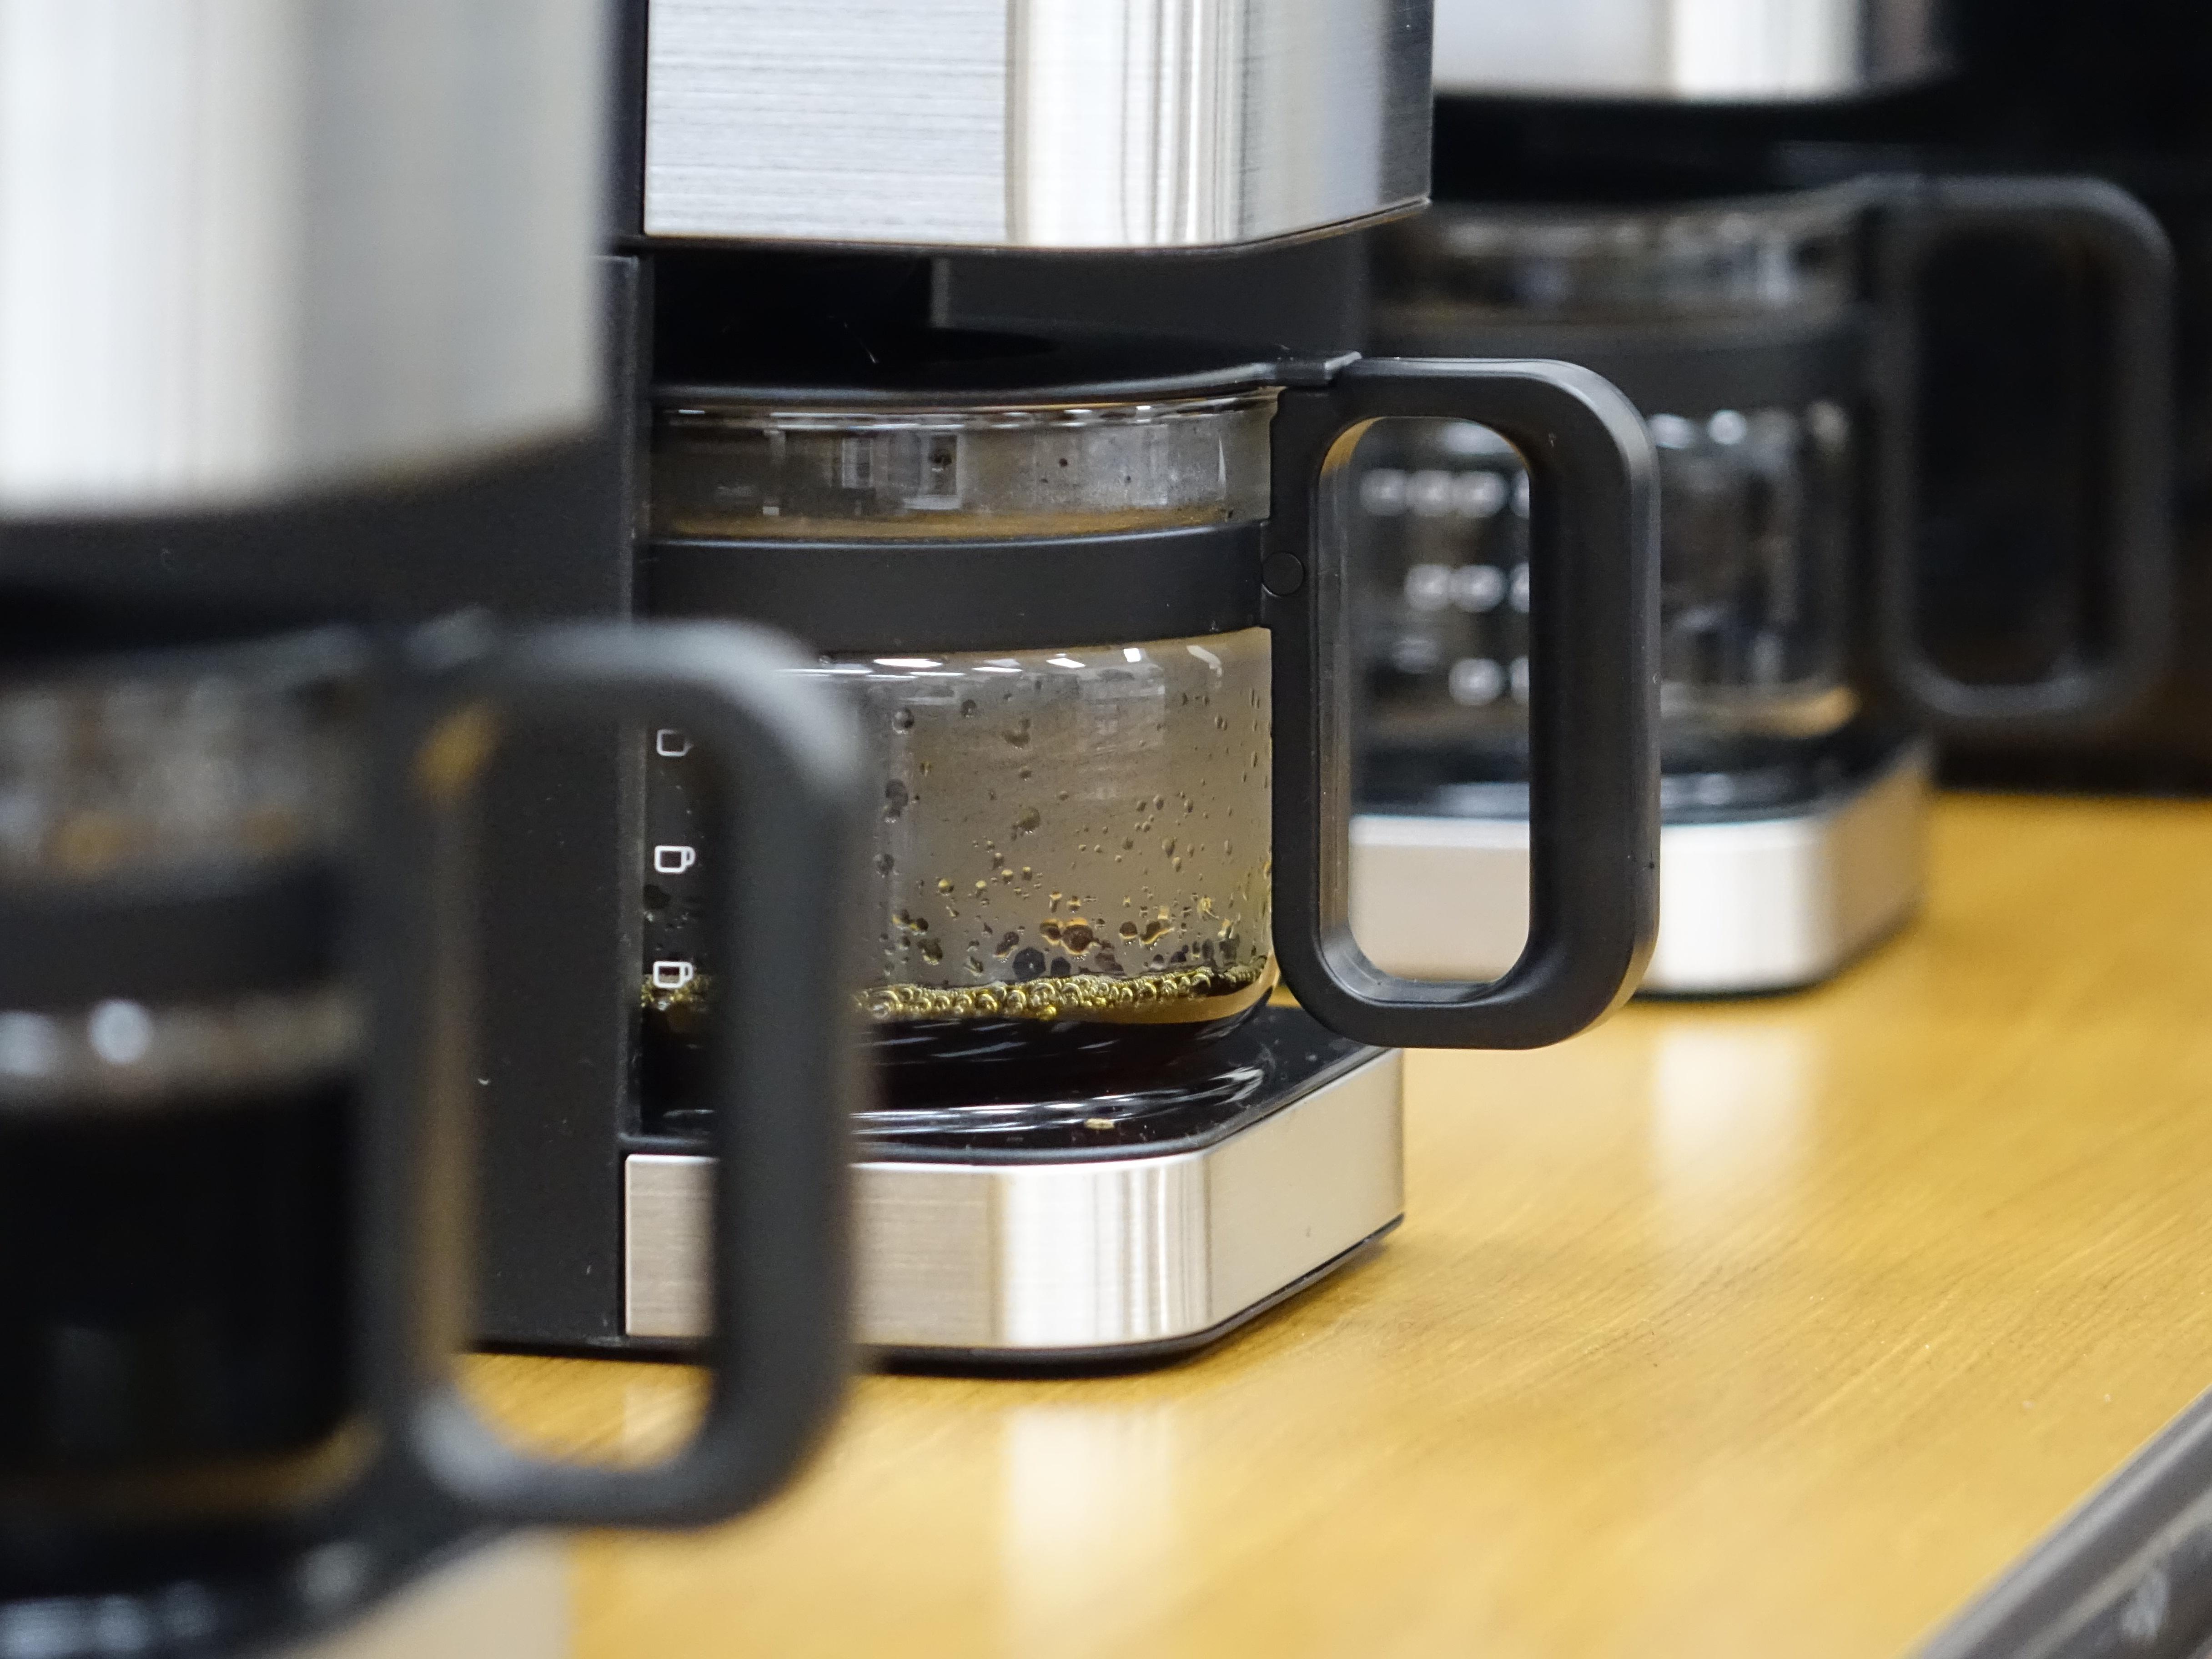 無印良品の豆から挽けるコーヒーメーカーでコーヒーを淹れてみた